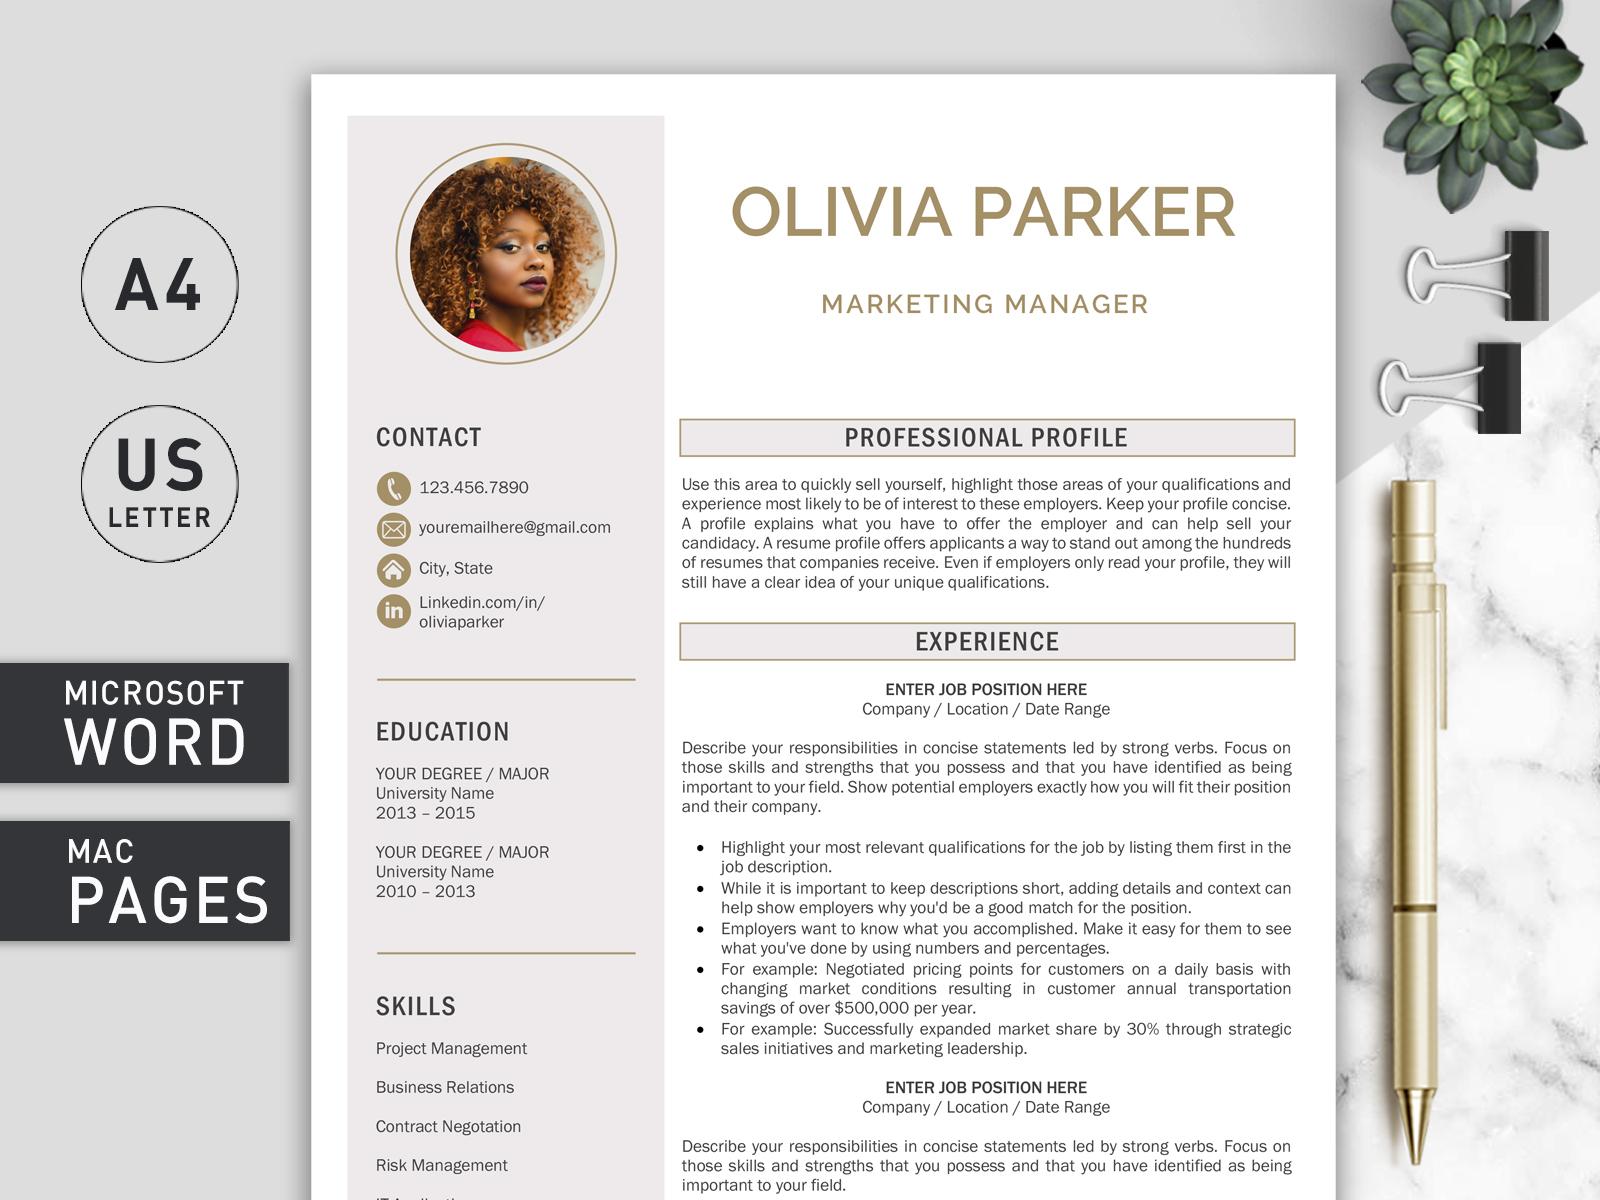 Die vorlage für den modernen lebenslauf enthält seiten und verfügt über ein. Lebenslauf Vorlage Designs Themes Templates And Downloadable Graphic Elements On Dribbble